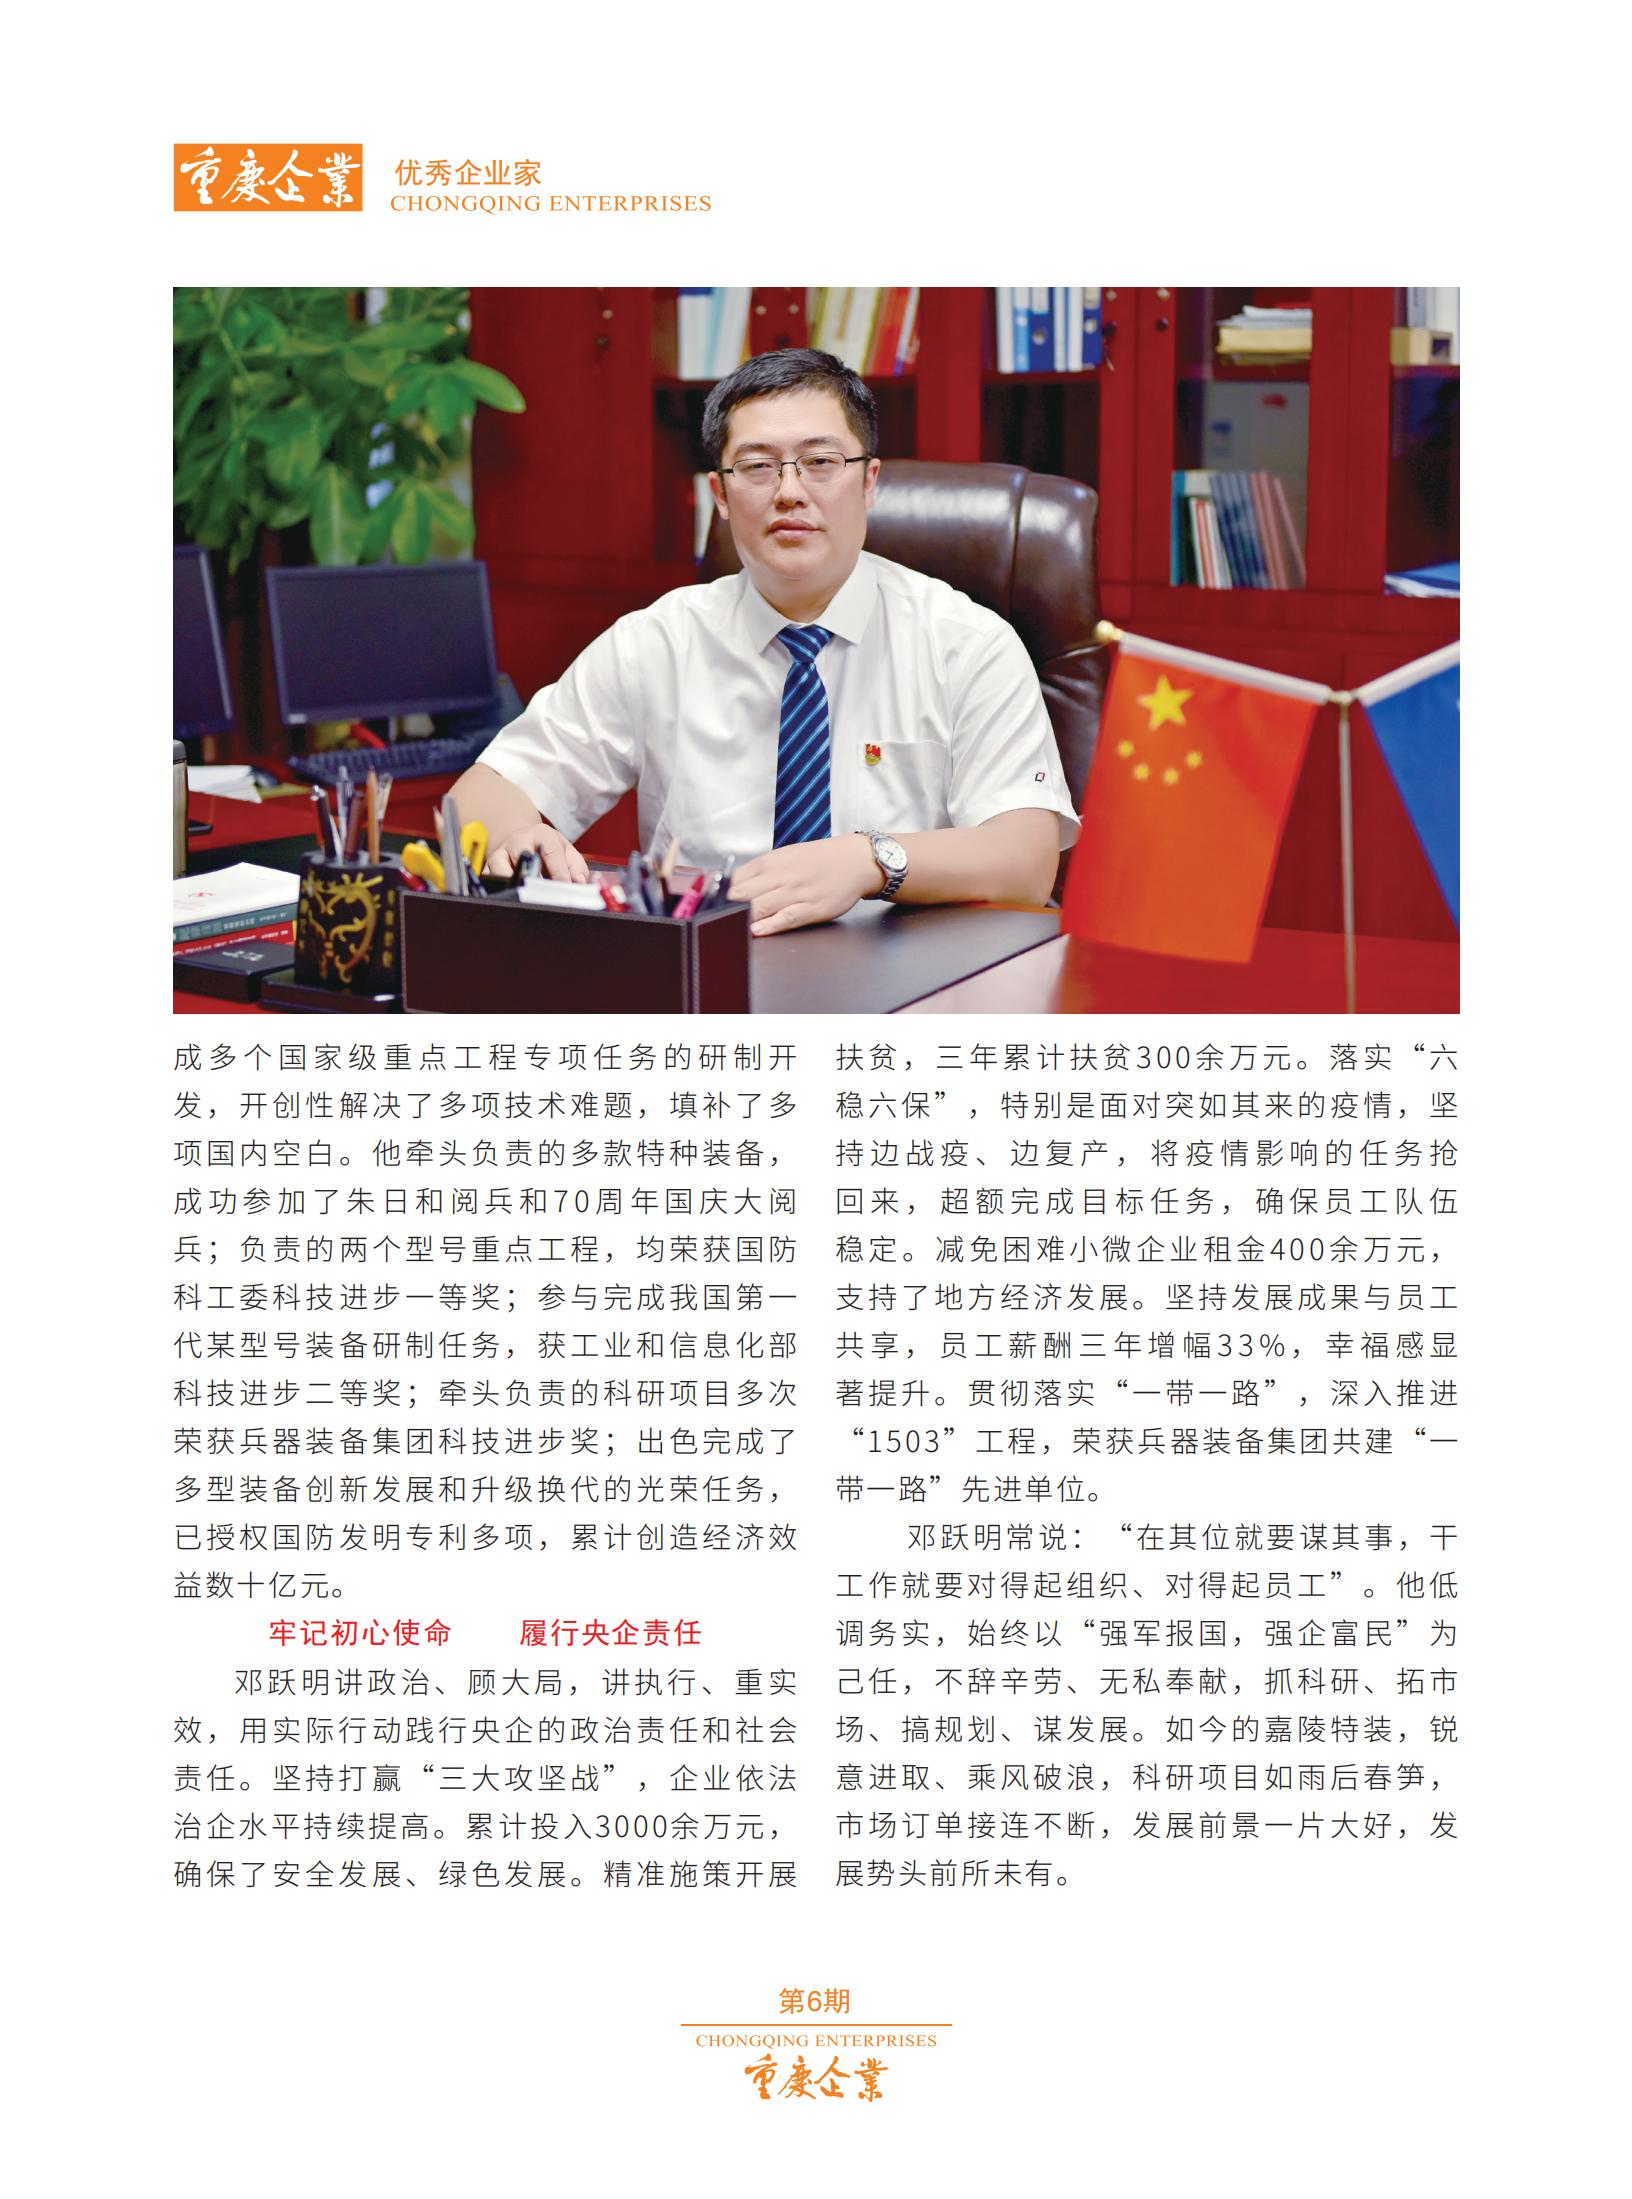 鄧躍明 (2).png